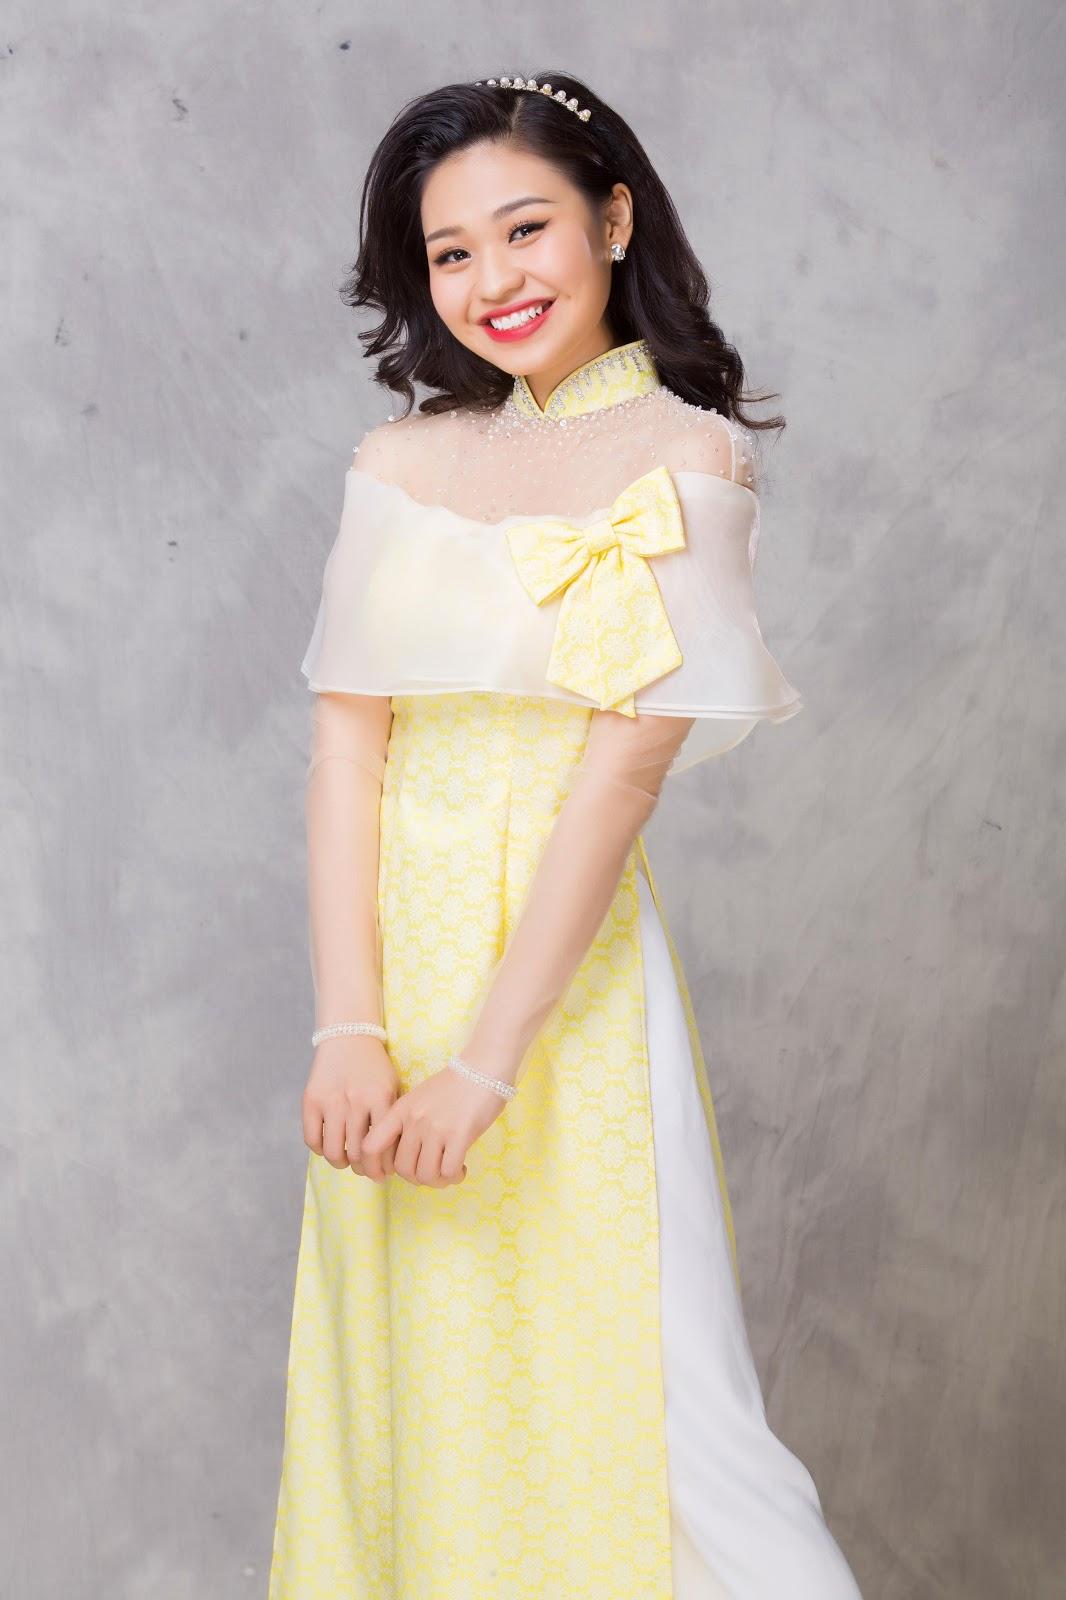 Lê Lộc mặc áo dài cưới háo hức kết hôn nhưng chia sẻ của NTK nổi tiếng này về cô mới đáng chú ý - Hình 10